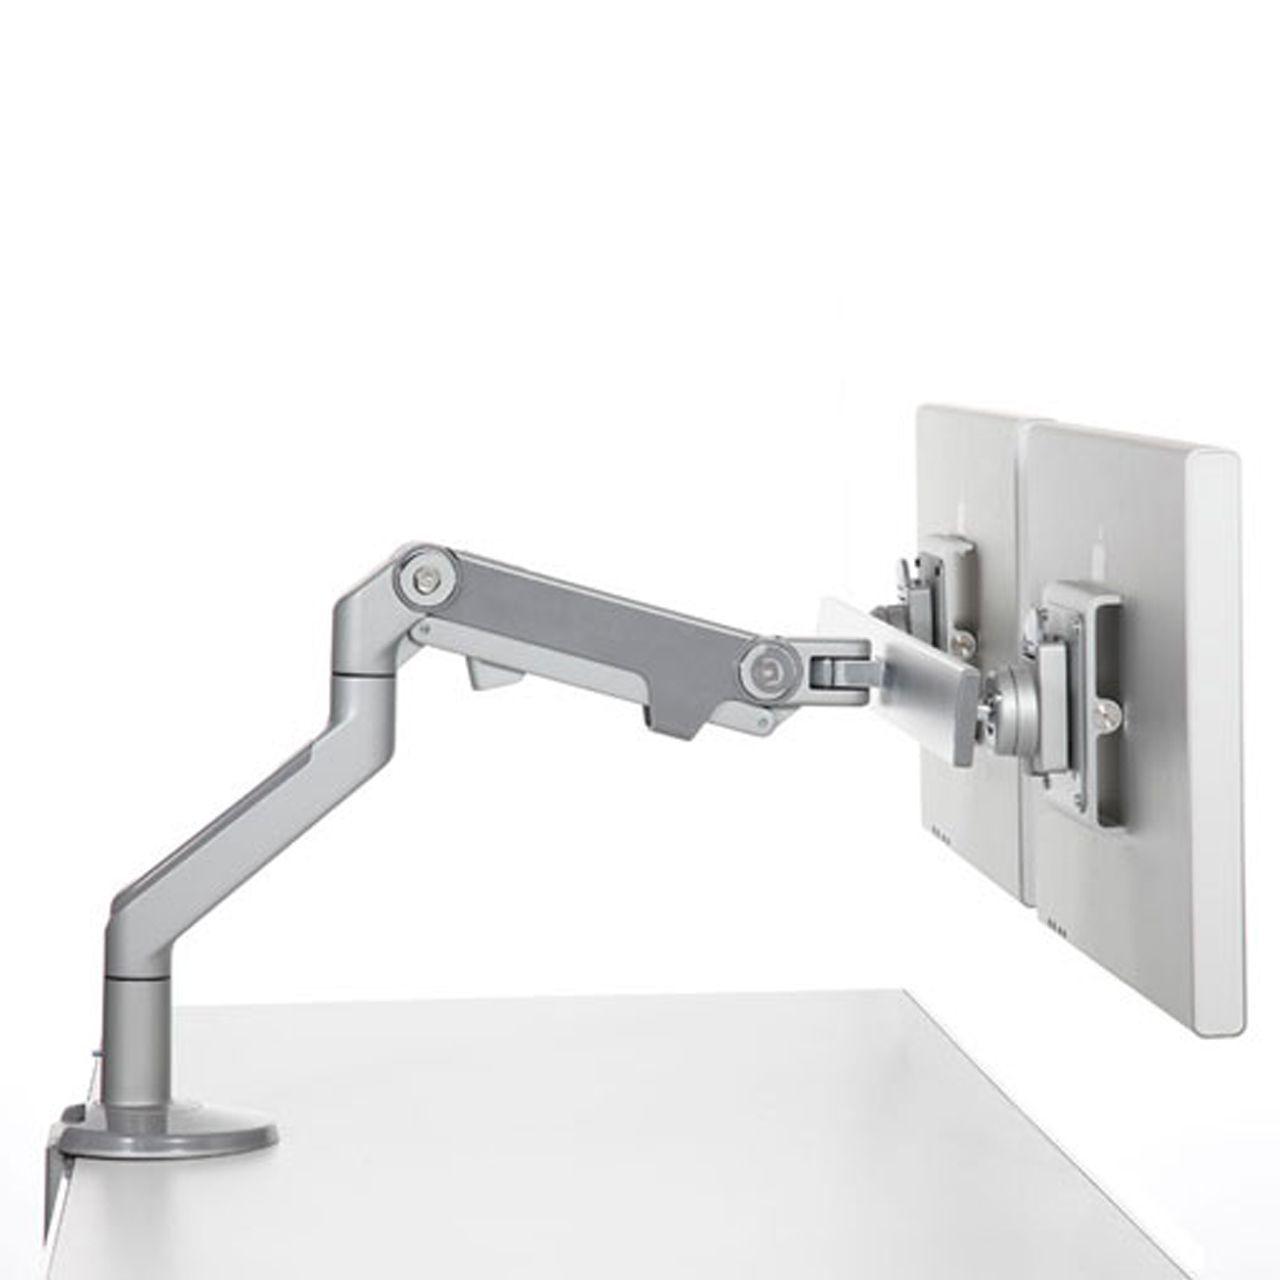 humanscale m8 crossbar flatscreenarm ERKANFLHS01 Zijkant